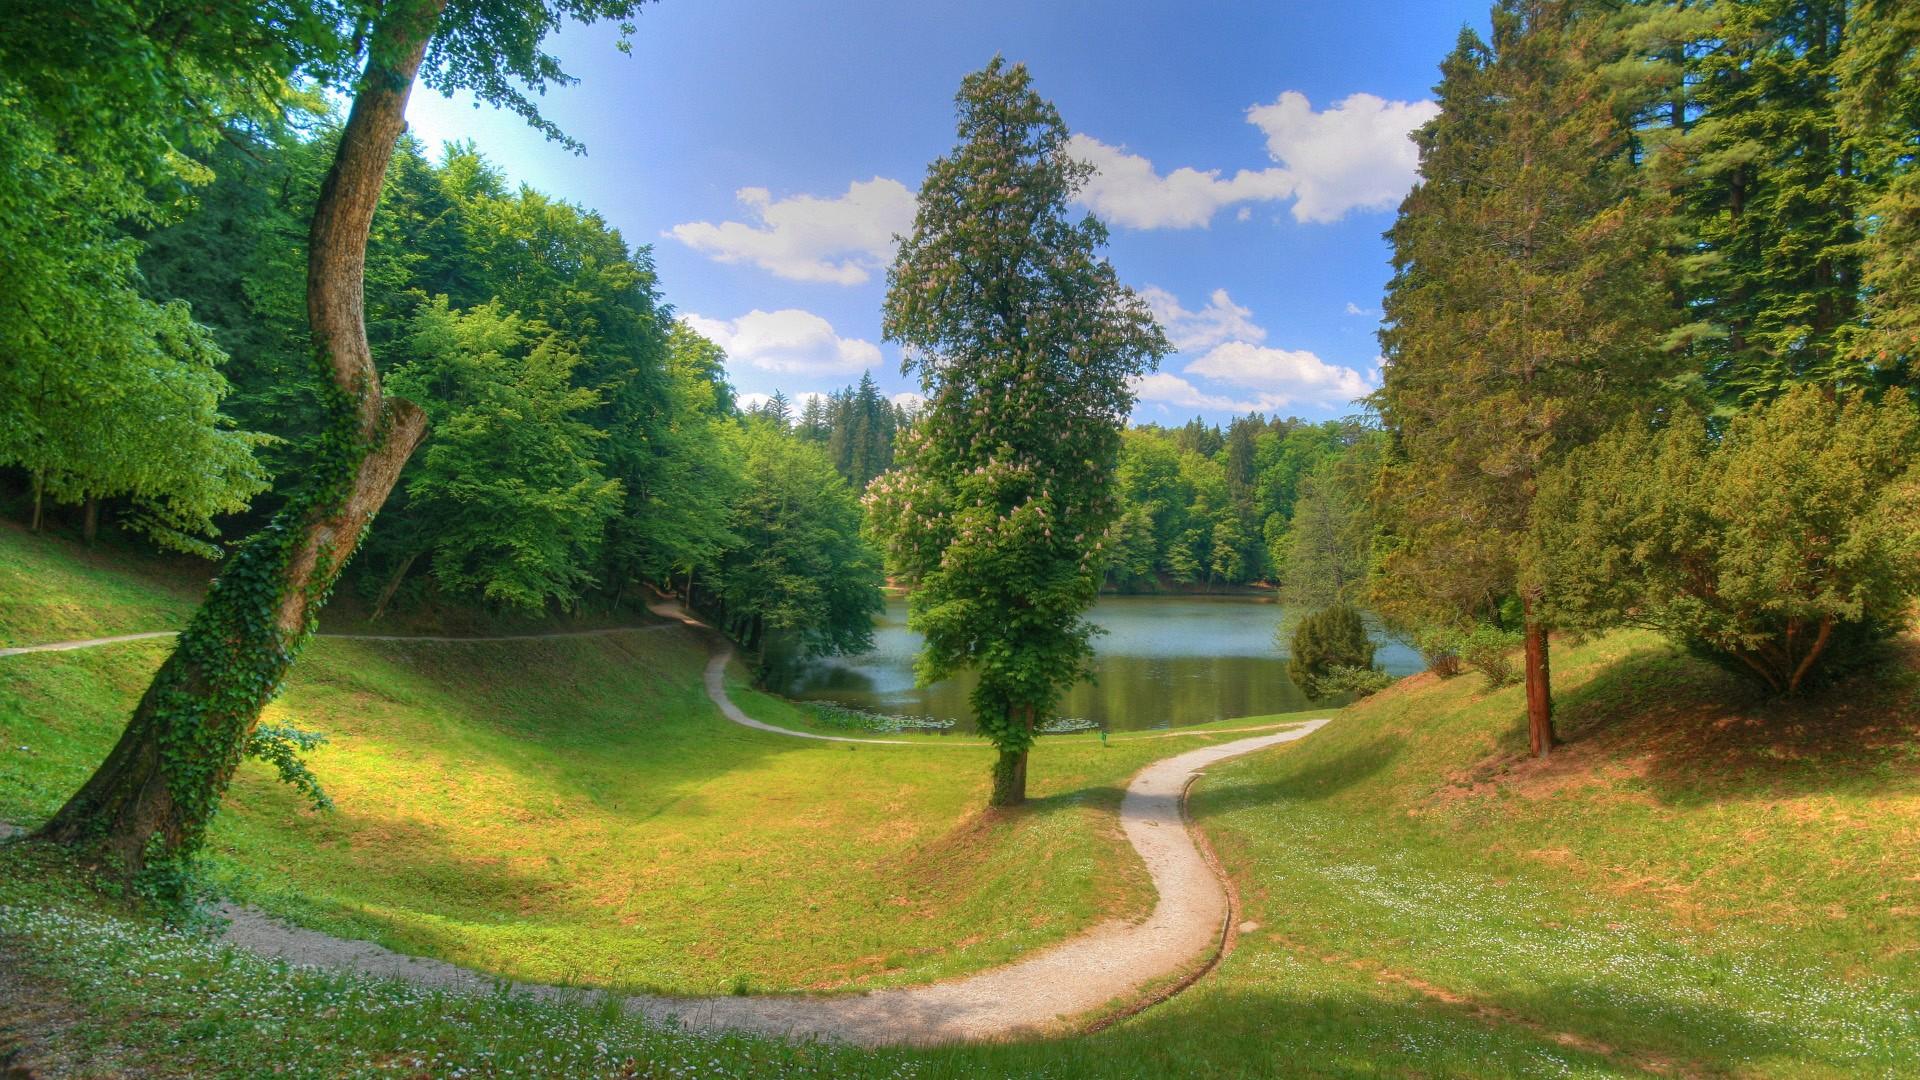 Sfondo natura in primavera sfondi hd gratis for Sfondi hd natura